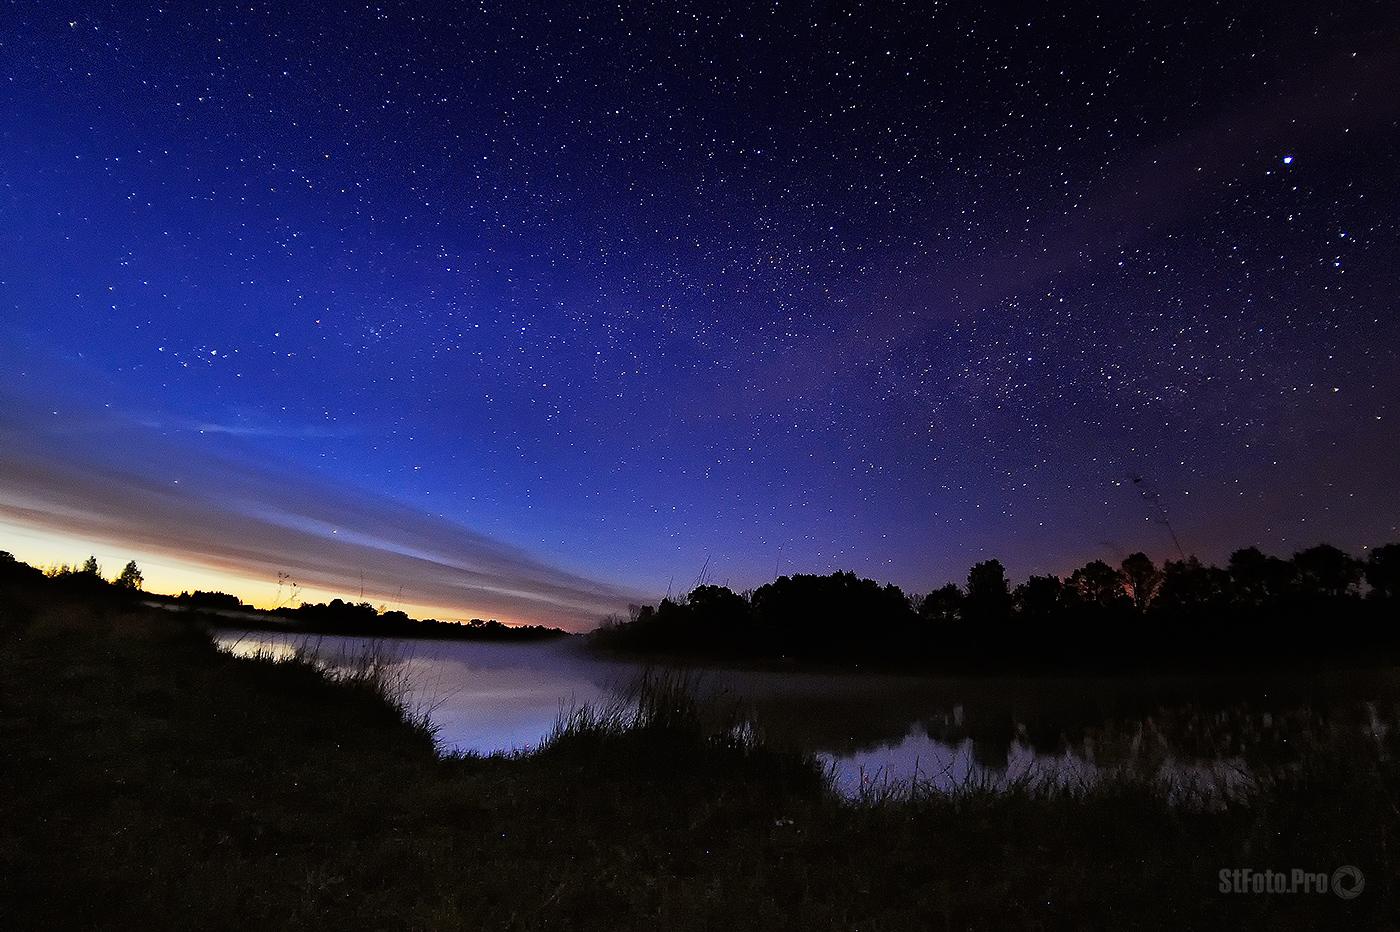 картинка ясное ночное небо учителя русского